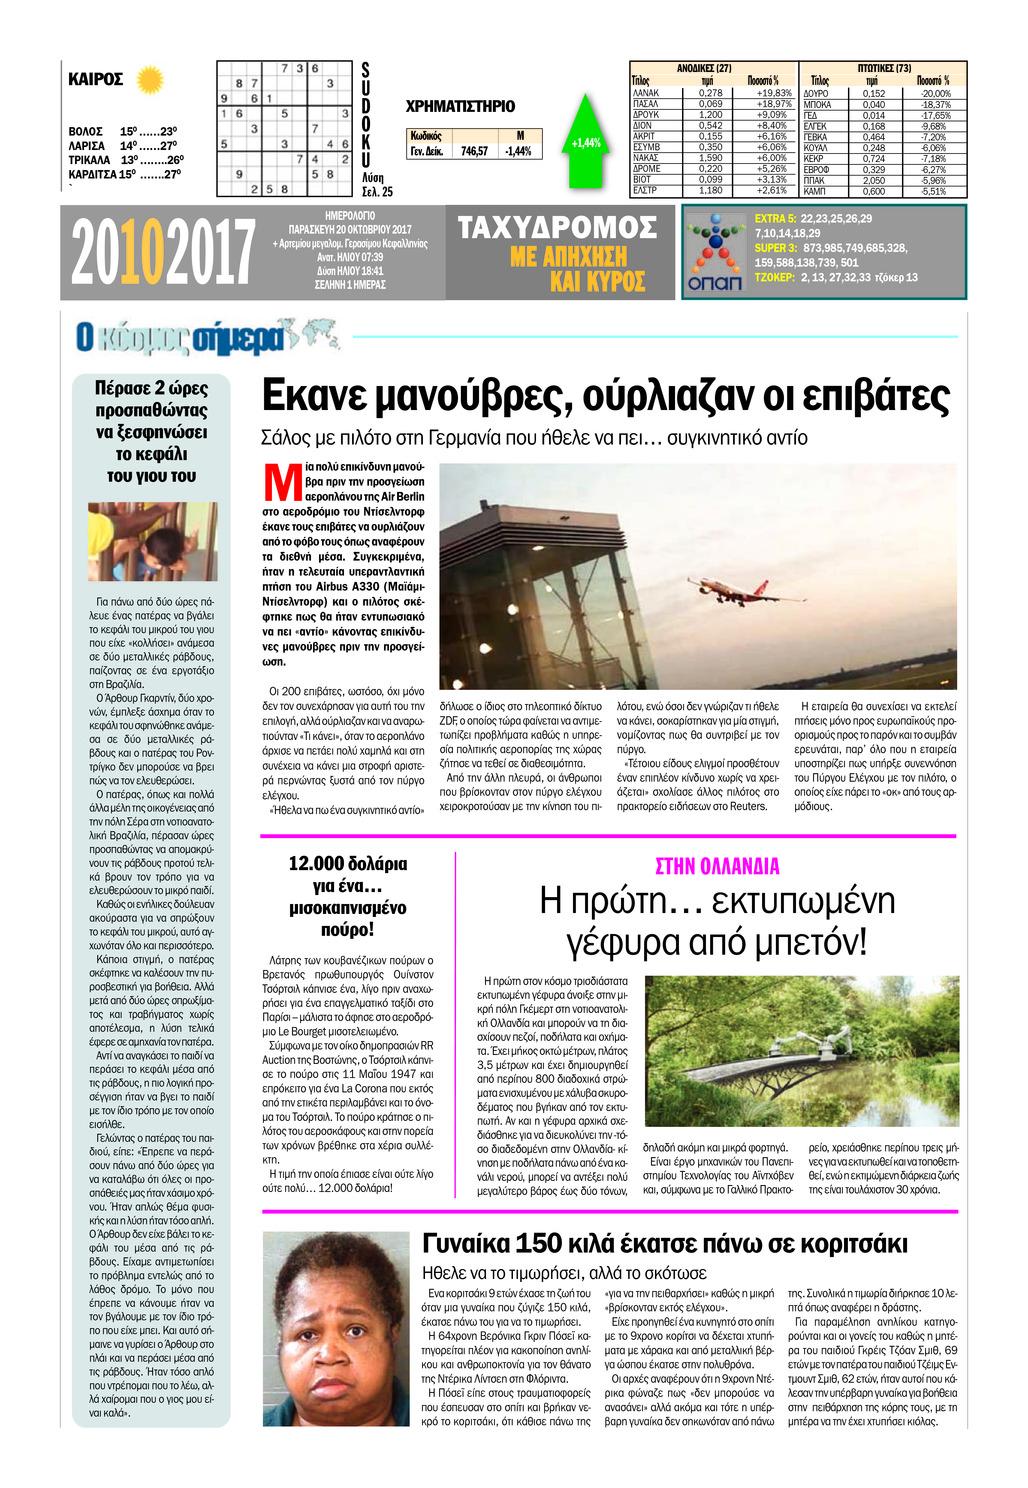 Οπισθόφυλλο εφημερίδας ��������������������